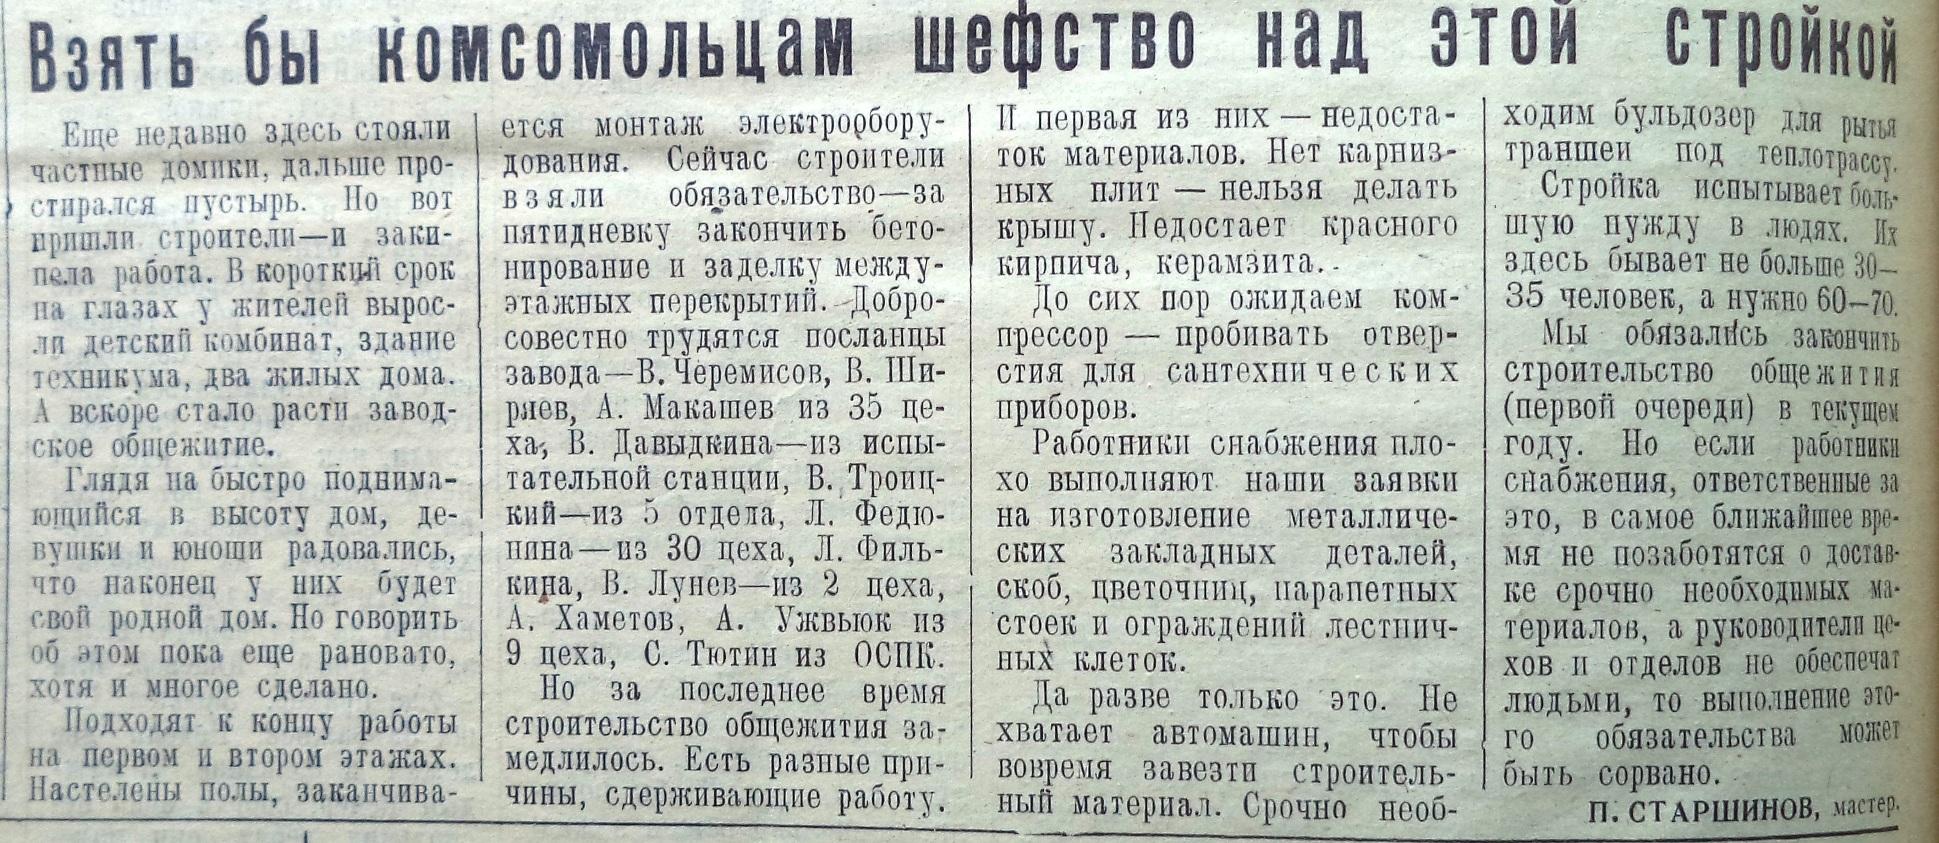 Запорожская-ФОТО-29-За коммунистический труд-1971-3 декабря